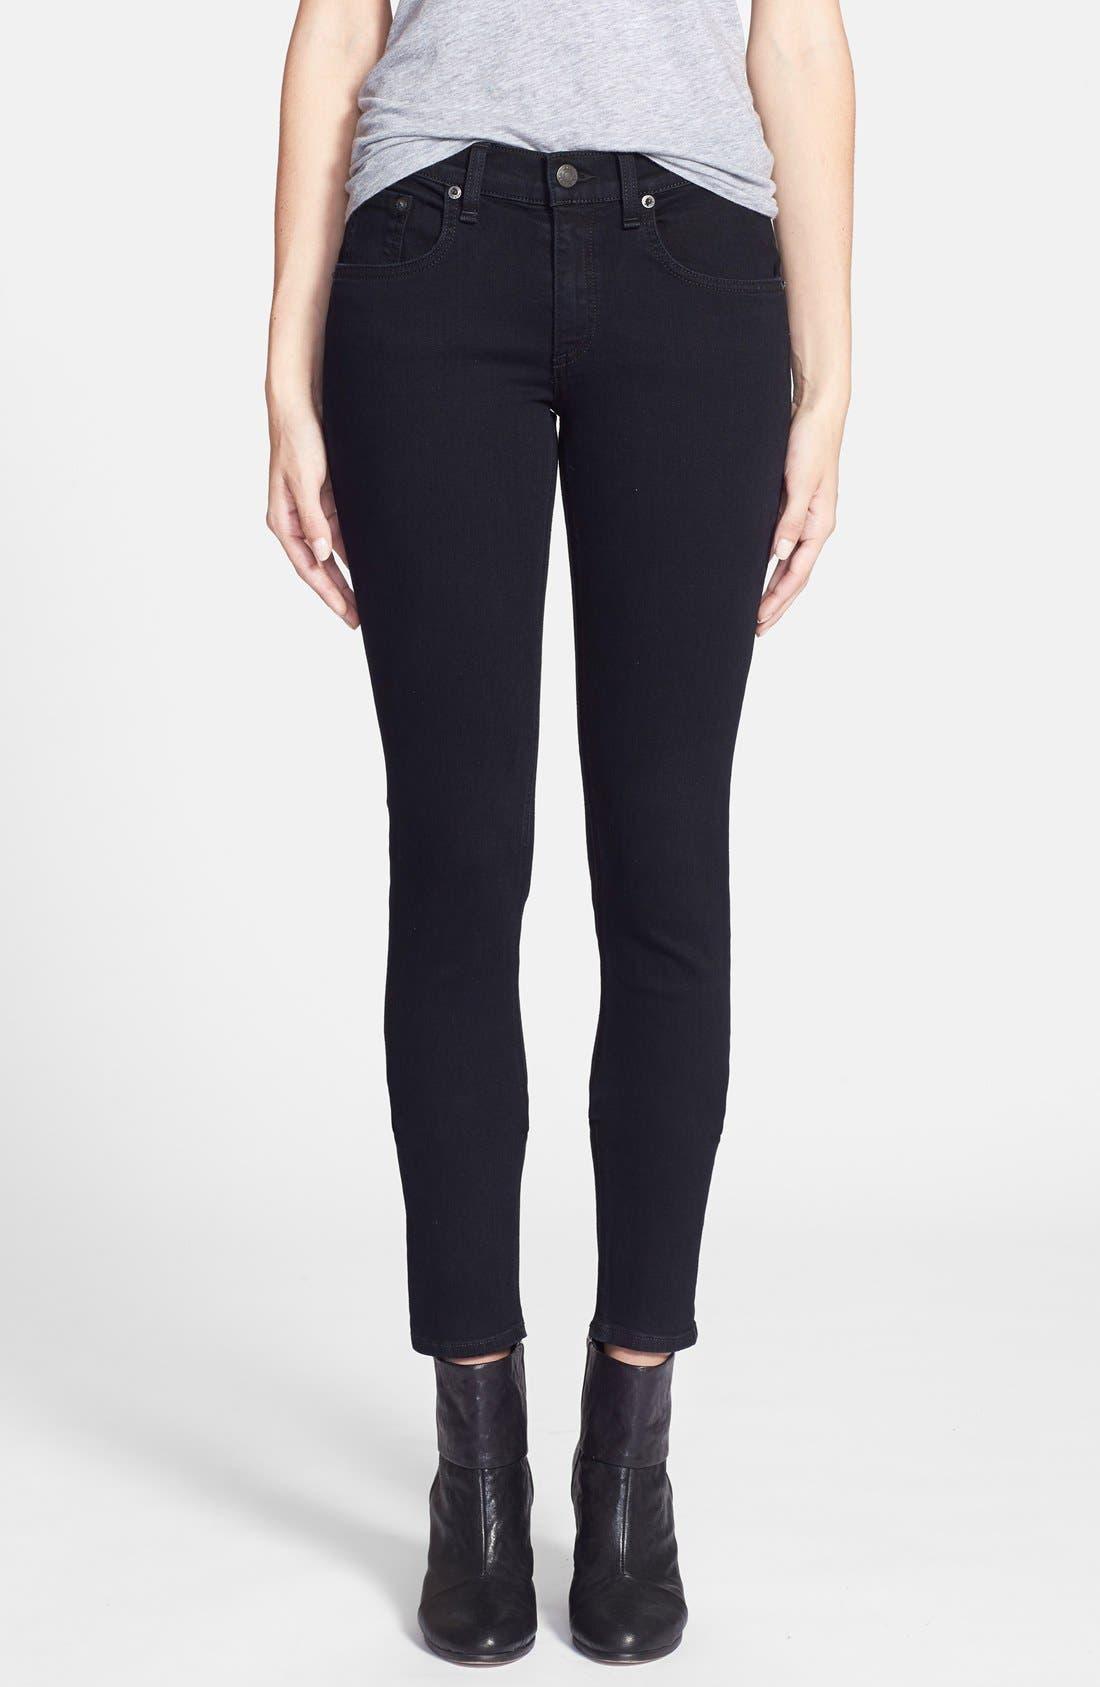 Alternate Image 1  - rag & bone/JEAN 'The Skinny' Stretch Jeans (Coal)